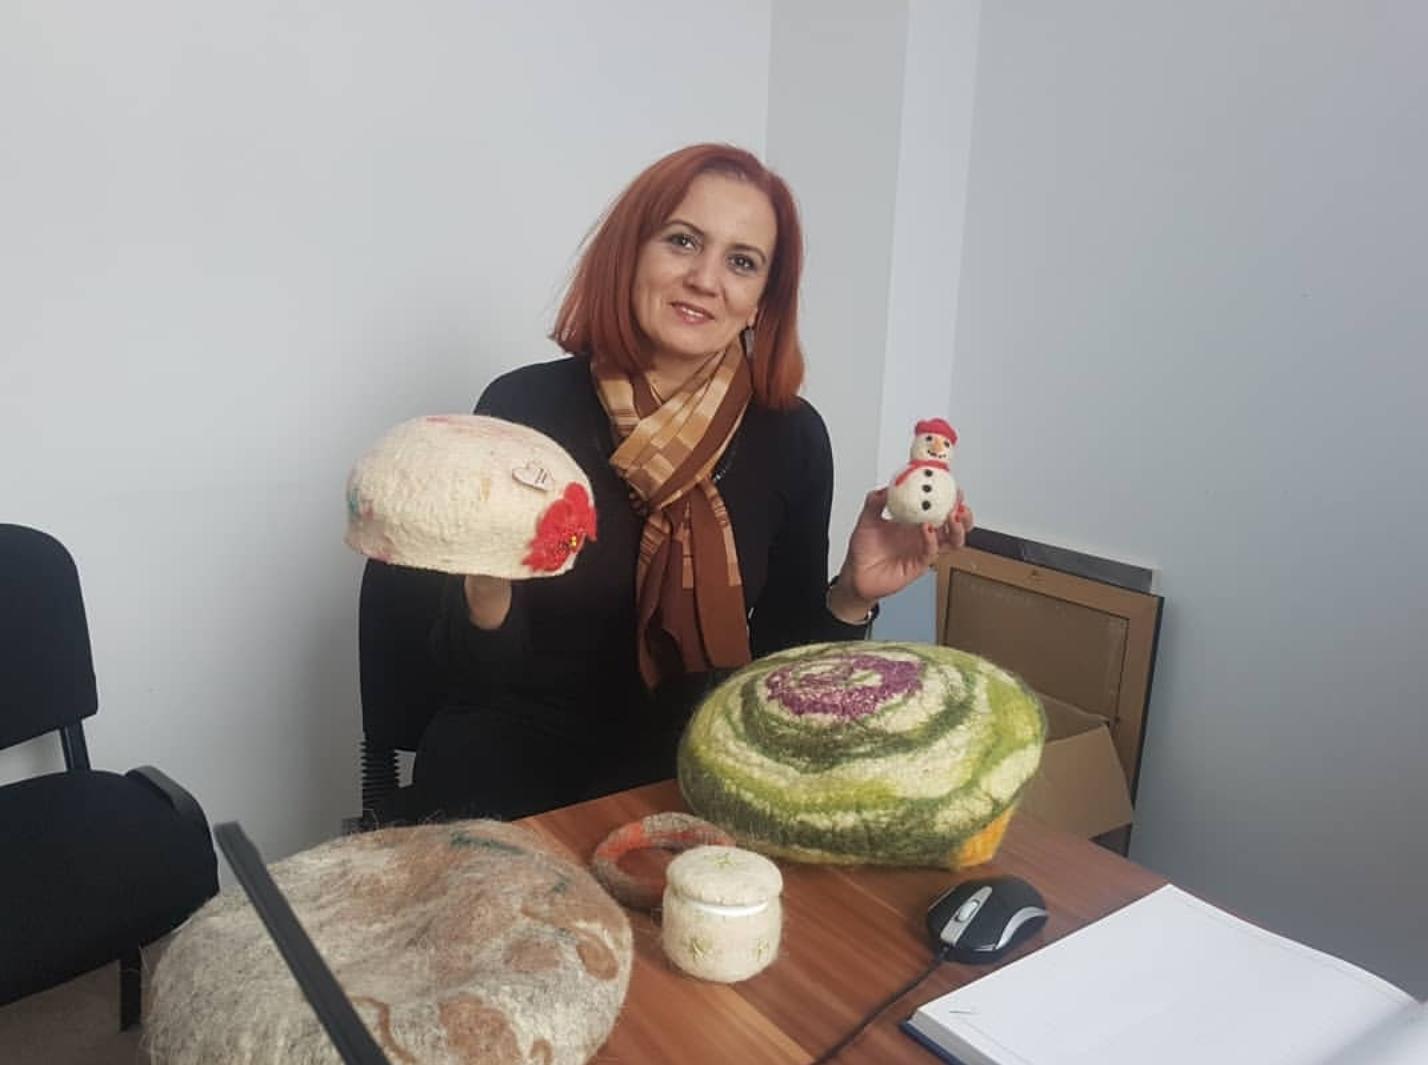 """Danas radionica """"Filcarije-igrarije"""" u sklopu projekta """"Filcanje kao poticaj za promovisanje kulture i tradicije"""""""